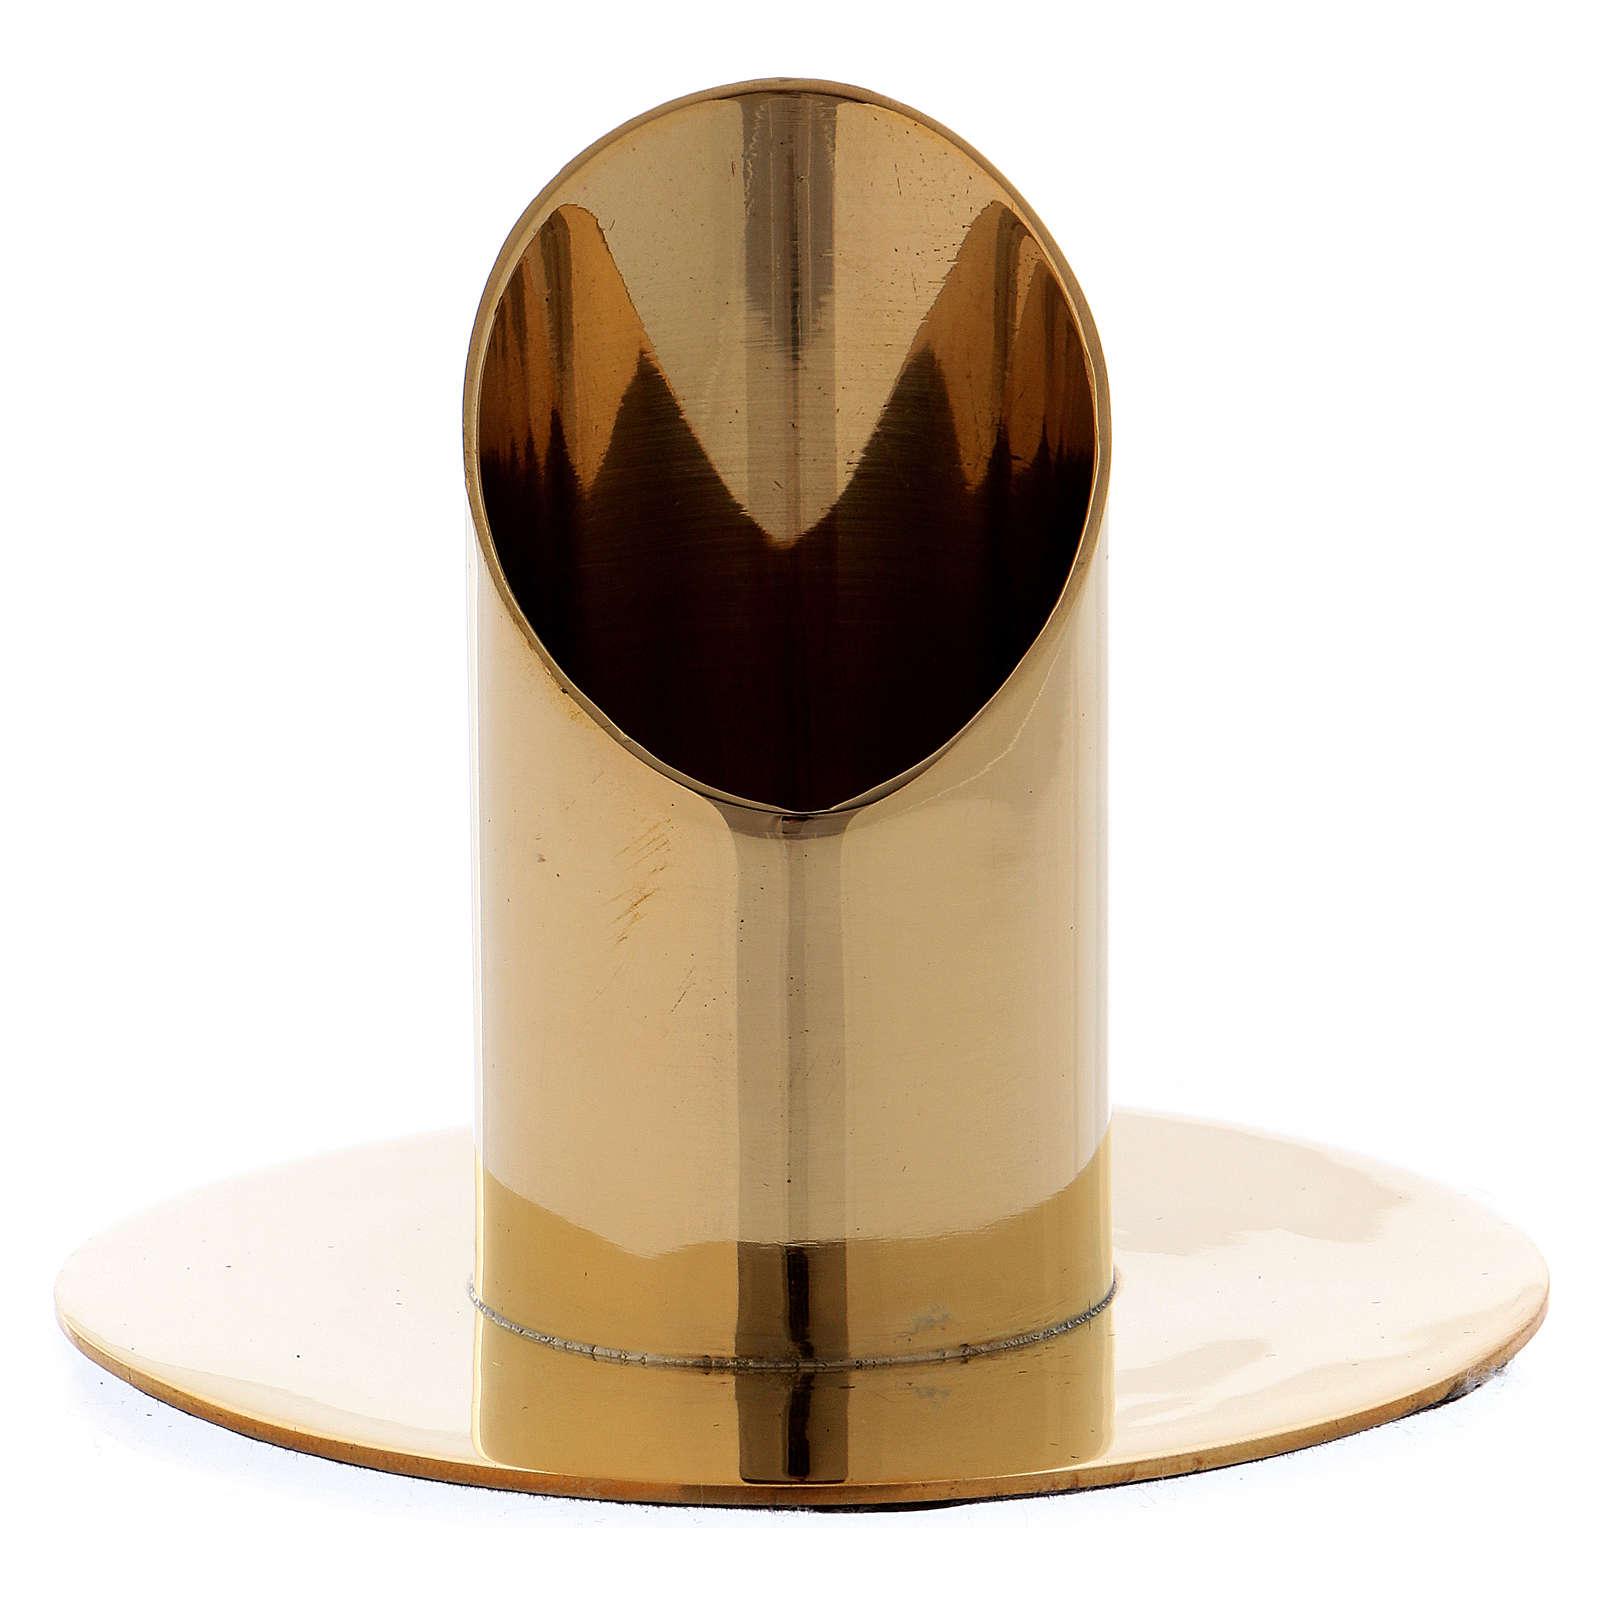 Portacandela cilindrico ottone dorato lucido 3,5 cm 4